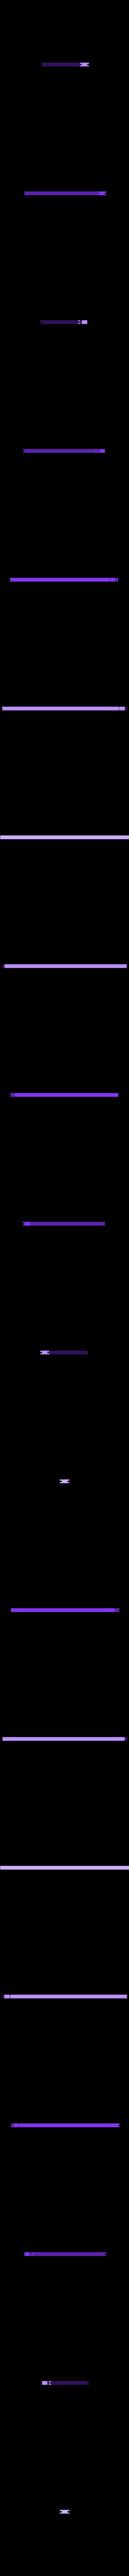 Cover.stl Télécharger fichier STL gratuit Ender 3 Cache-fente en V • Objet pour imprimante 3D, alanrascon77